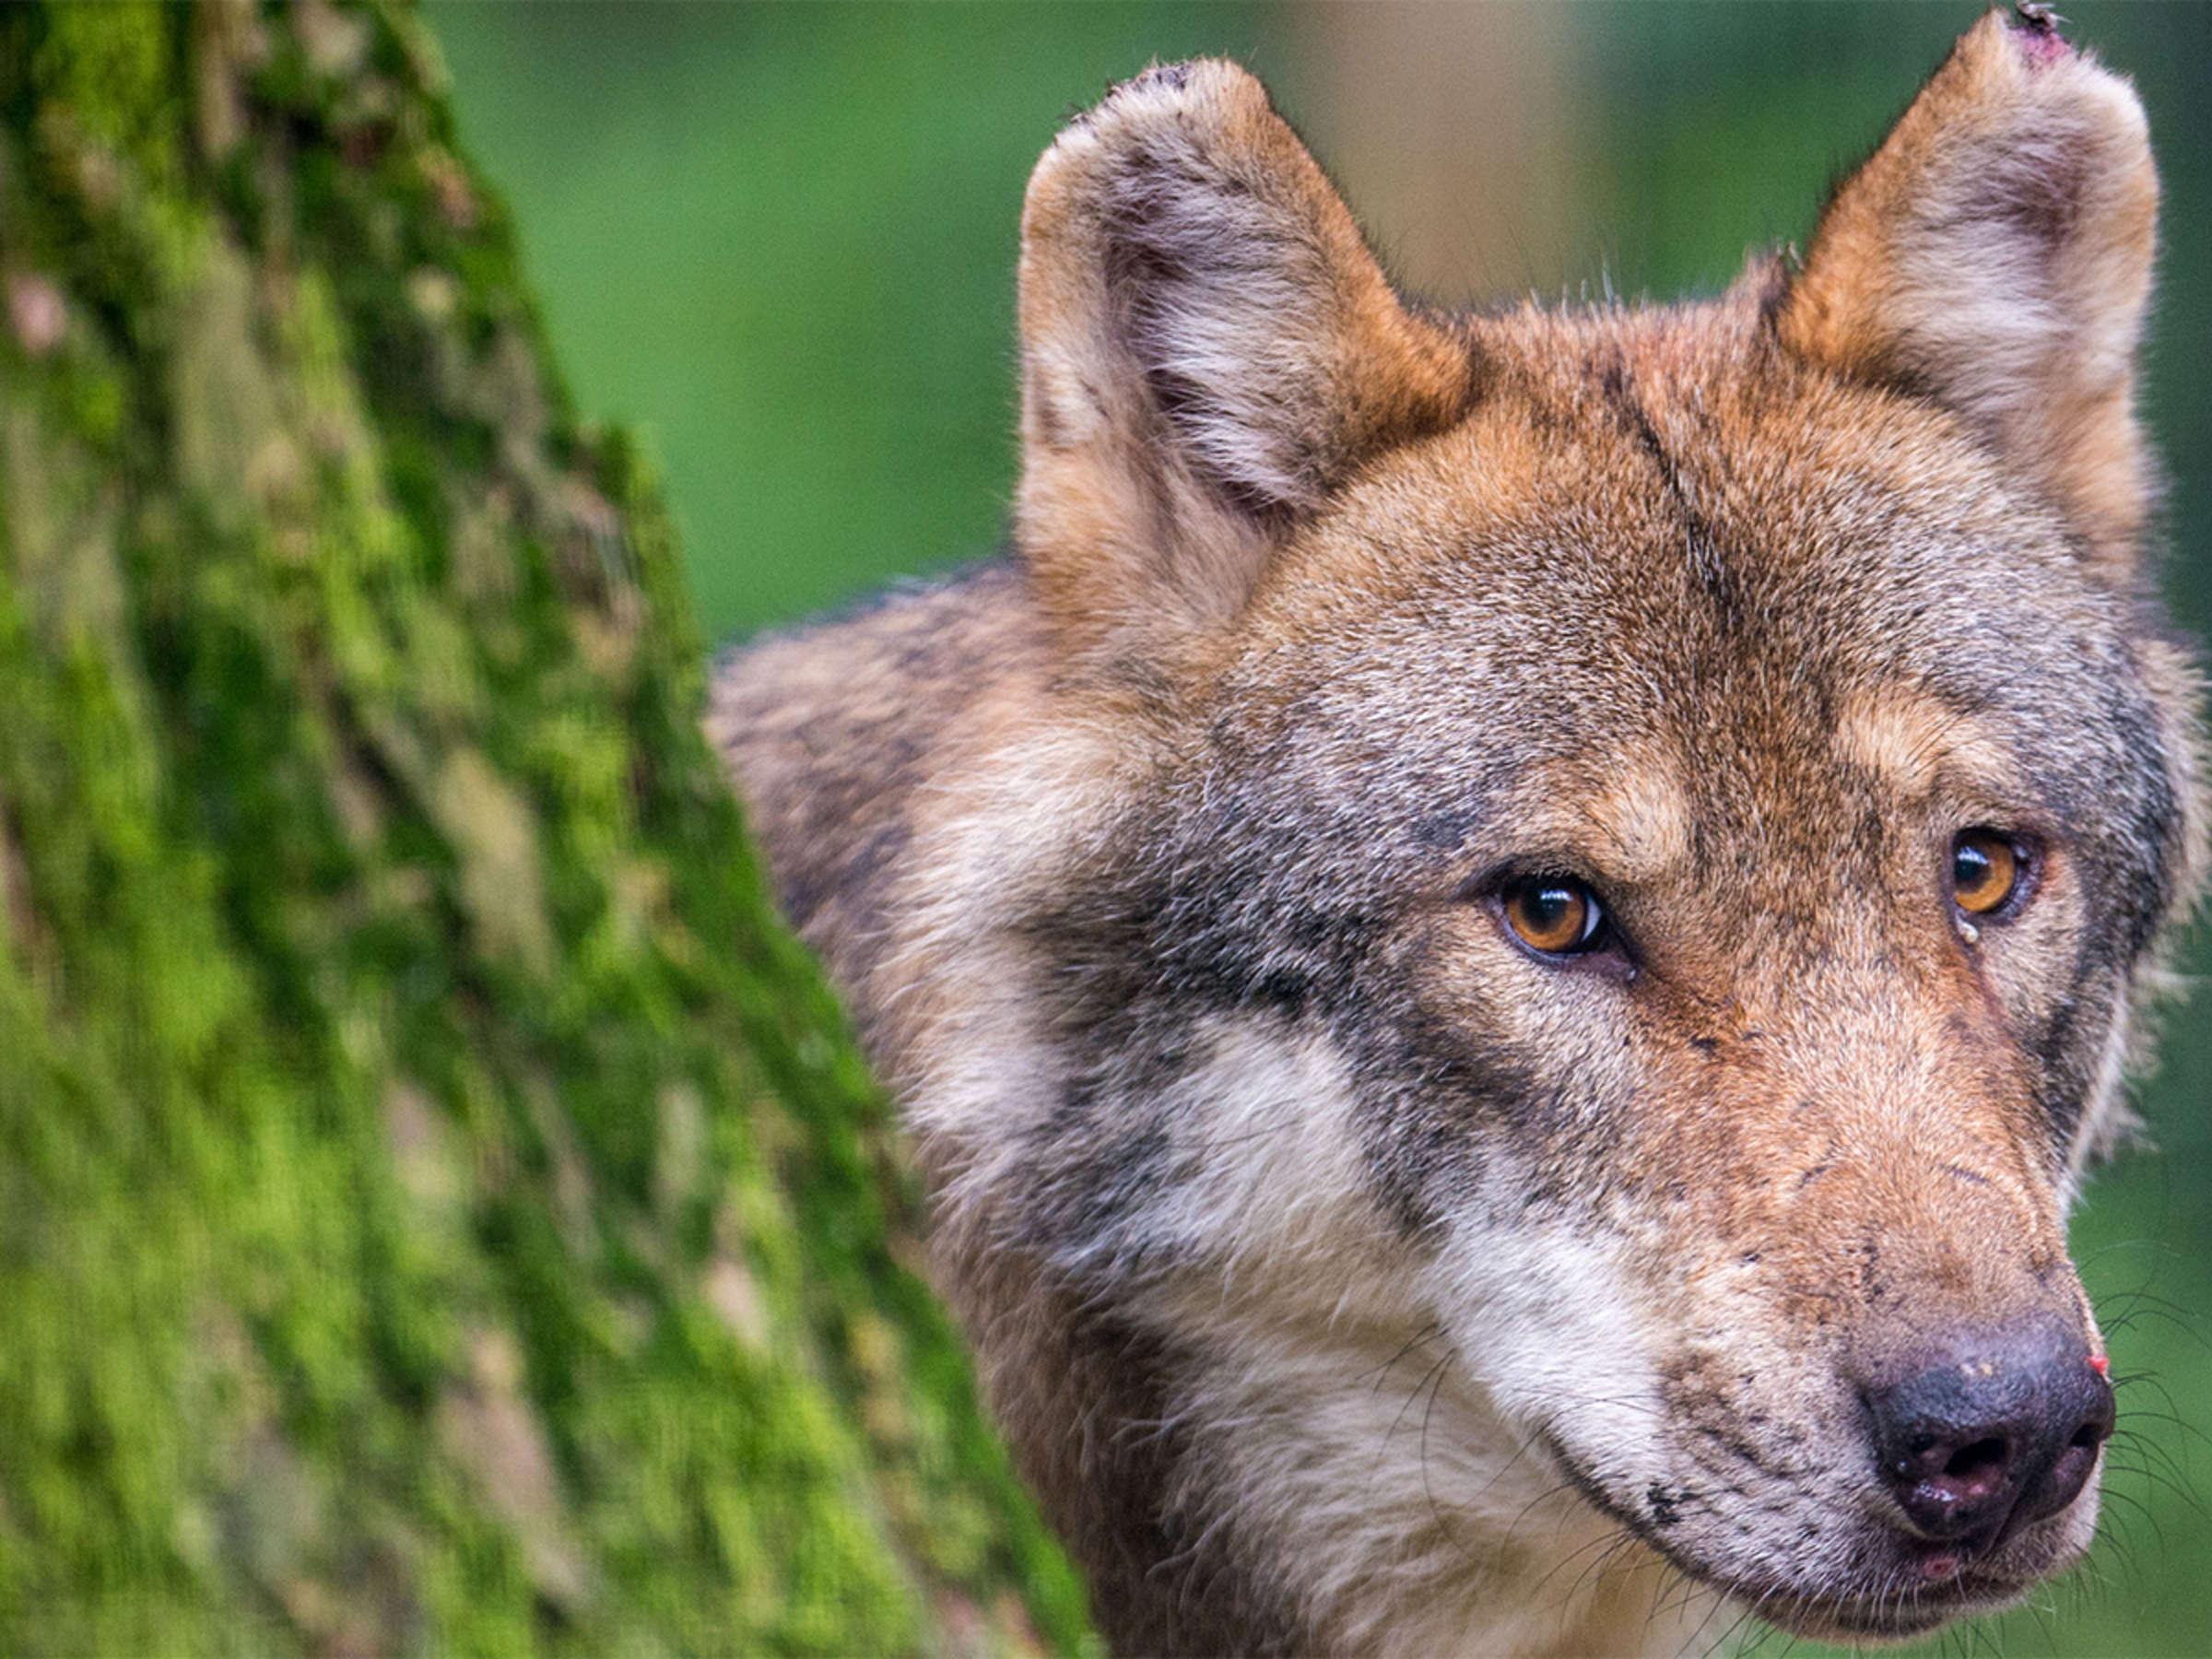 Wolf Und Mensch Eine Wechselhafte Geschichte Welt